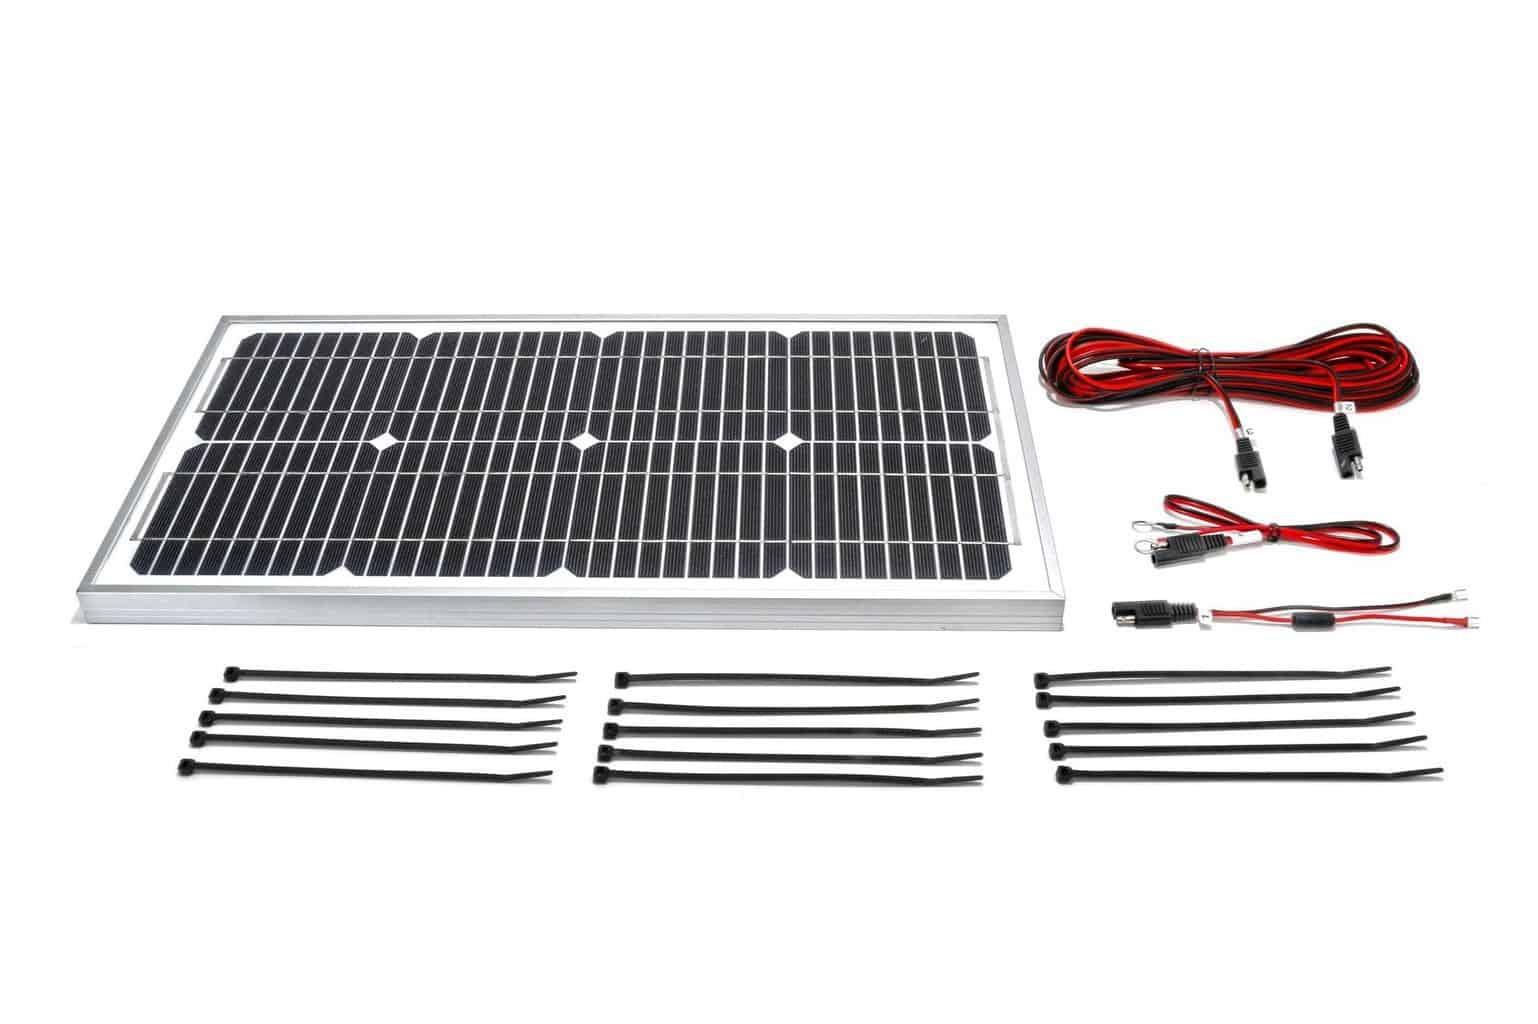 20 Watt 24 Volt Boat Lift Solar Charging Kit Midwest